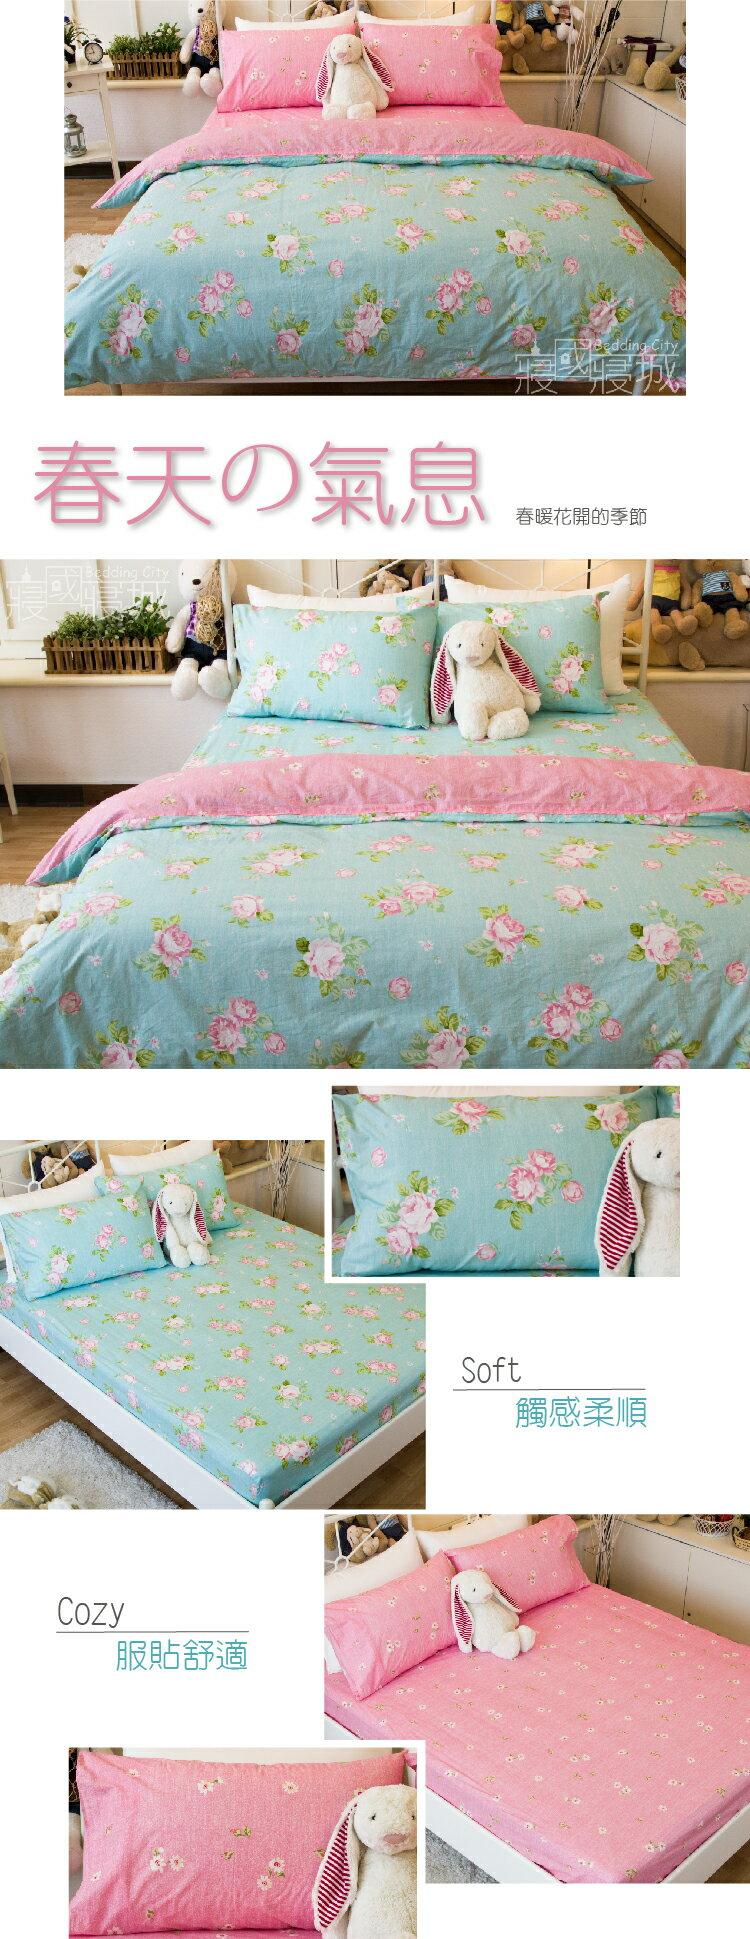 精梳棉-加大雙人床包組+被套-春天的氣息【大鐘印染、台灣製造】#玫瑰花 #精梳純綿 1